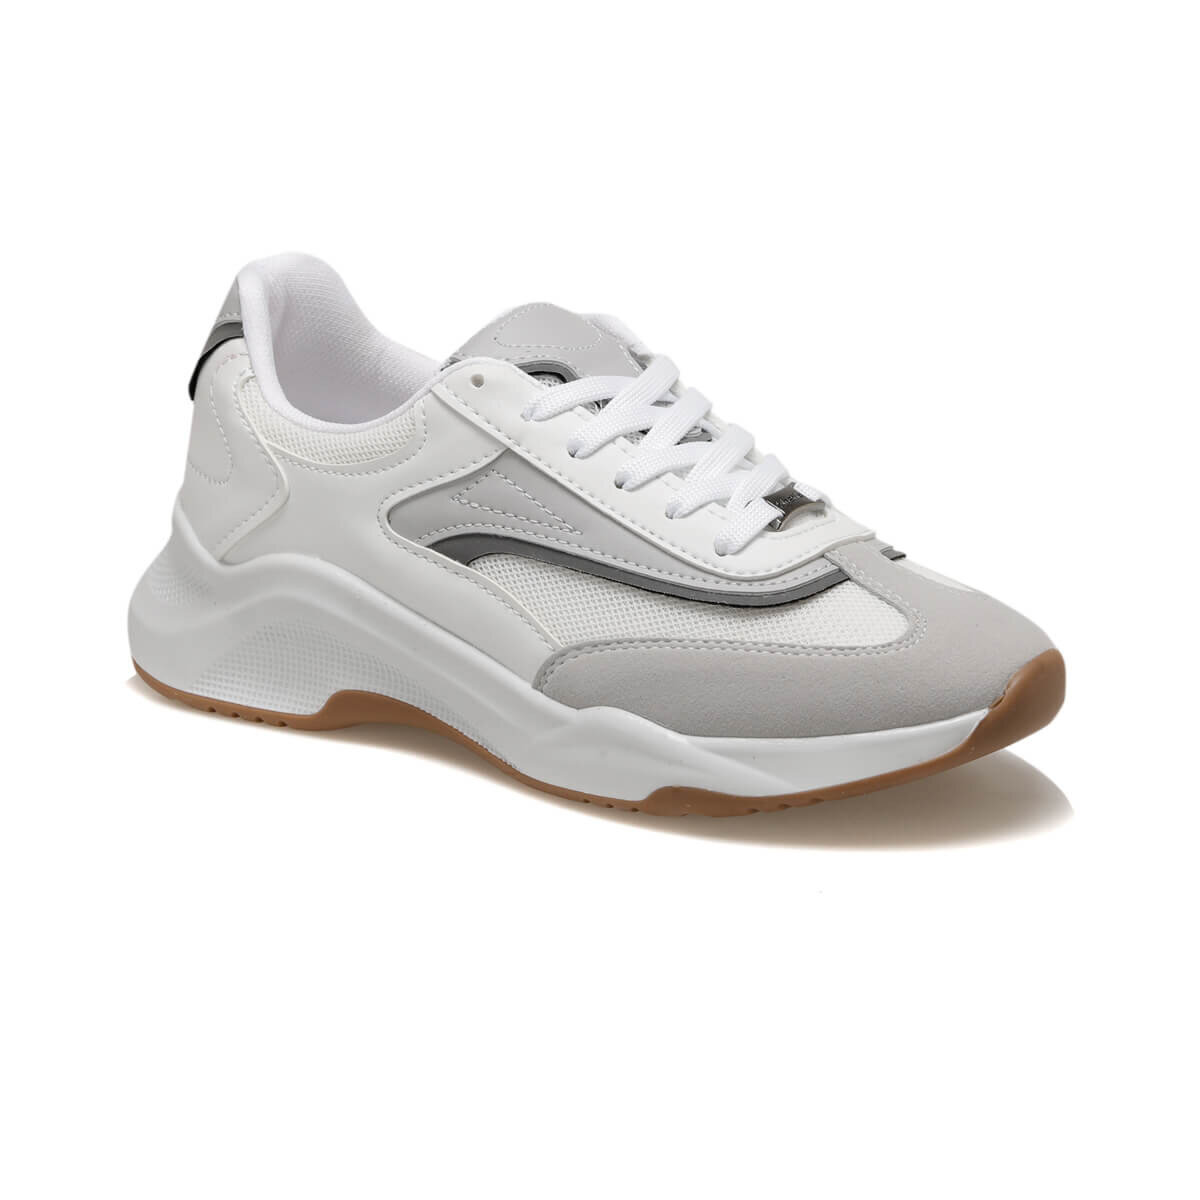 FLO MARS W 9PR Light Gray Women 'S Sneaker Shoes KINETIX